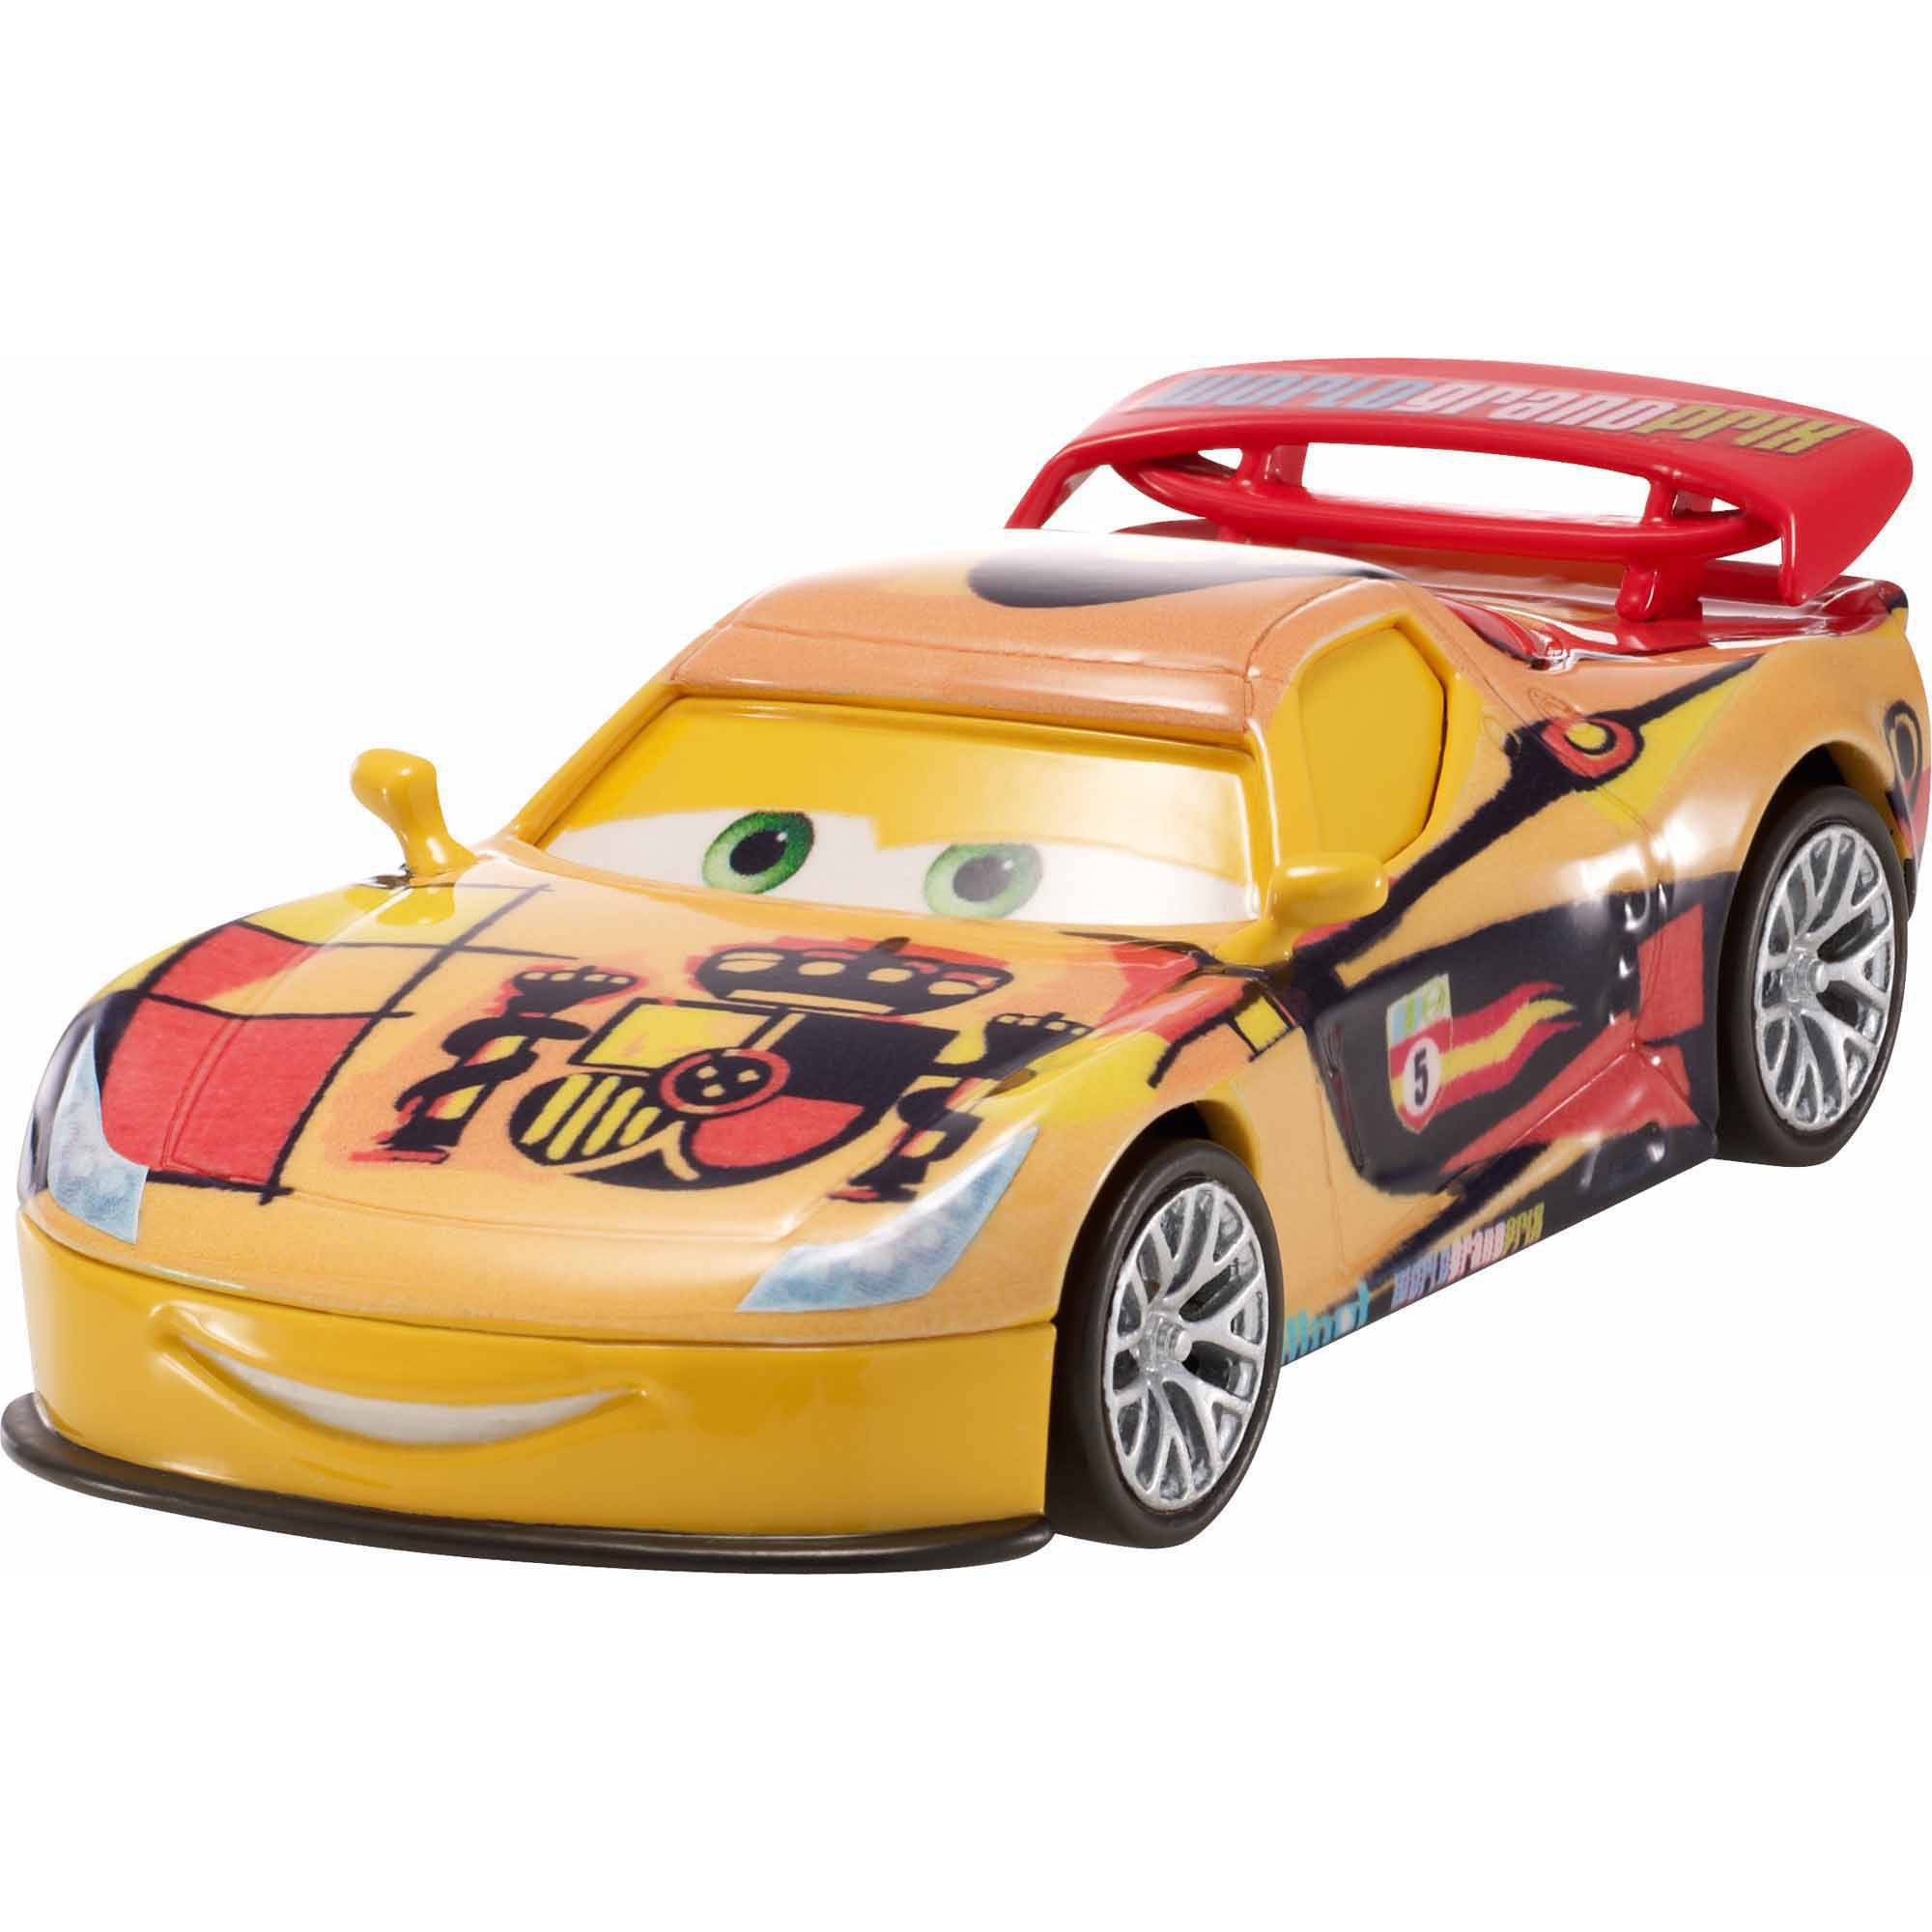 Disney Pixar Cars Character Assortment Walmart Com Walmart Com